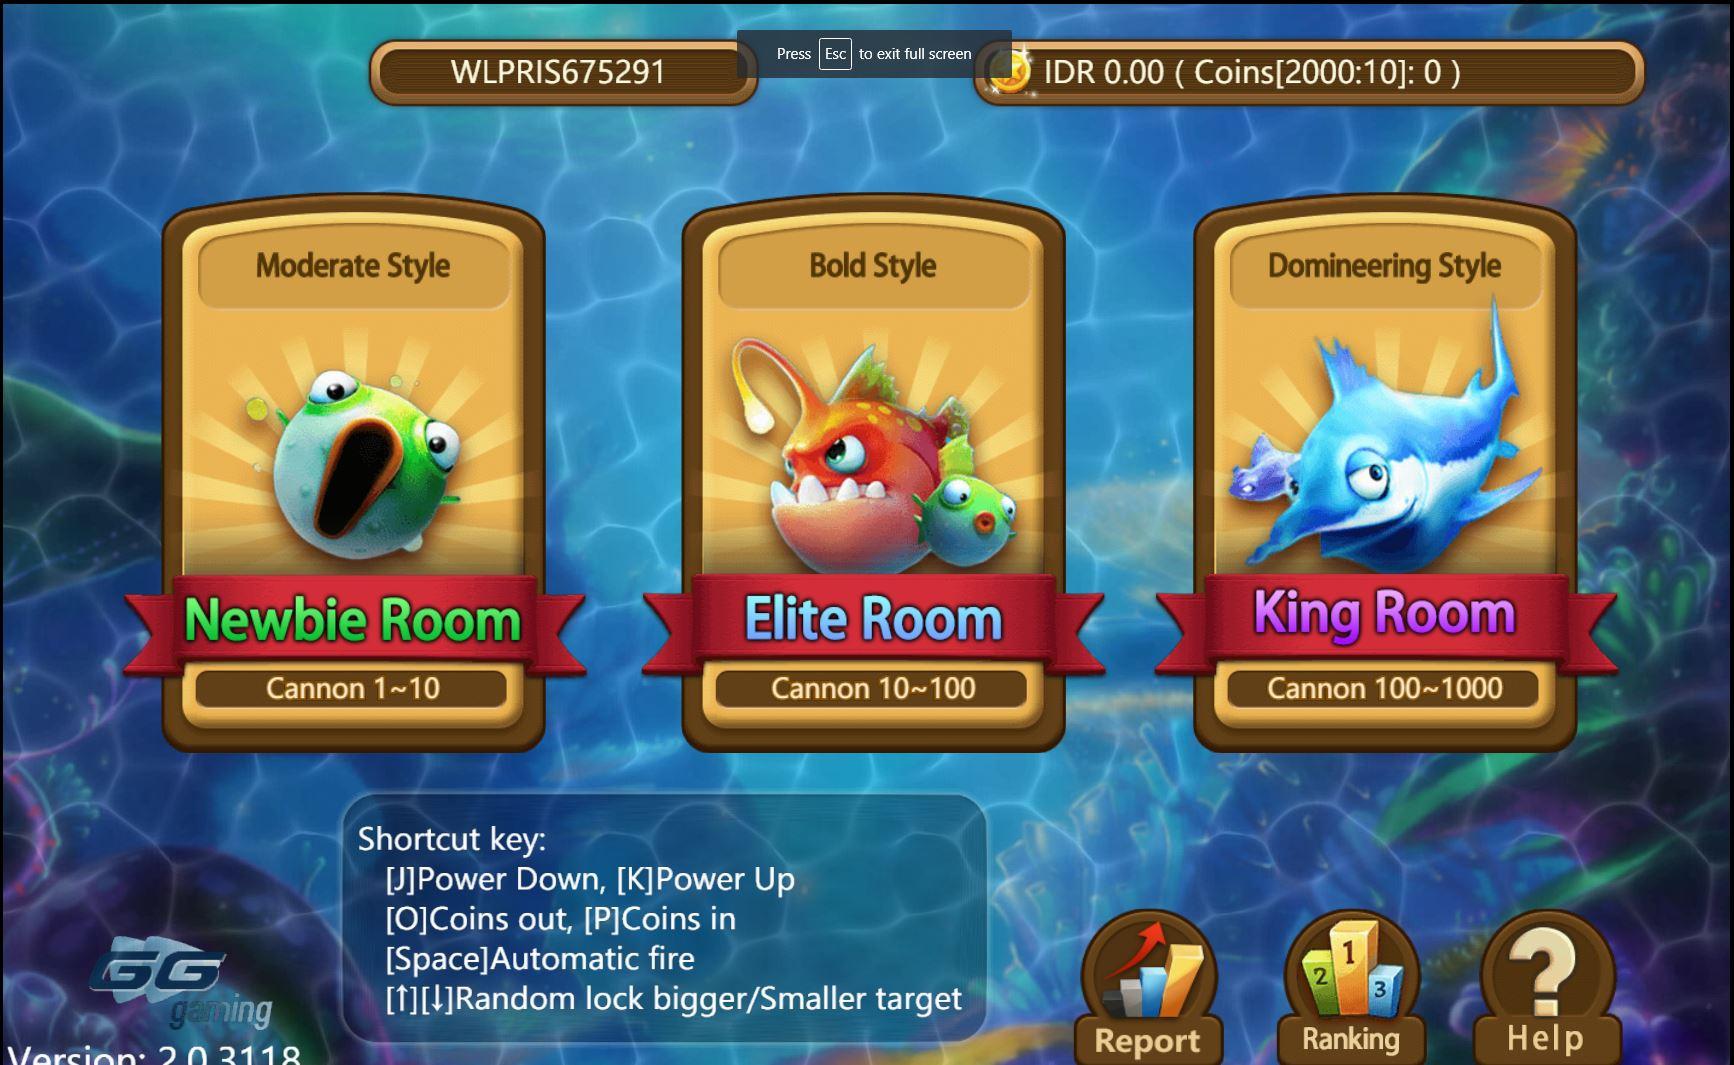 Tiga Jenis Ruangan di Game Tembak Ikan Online